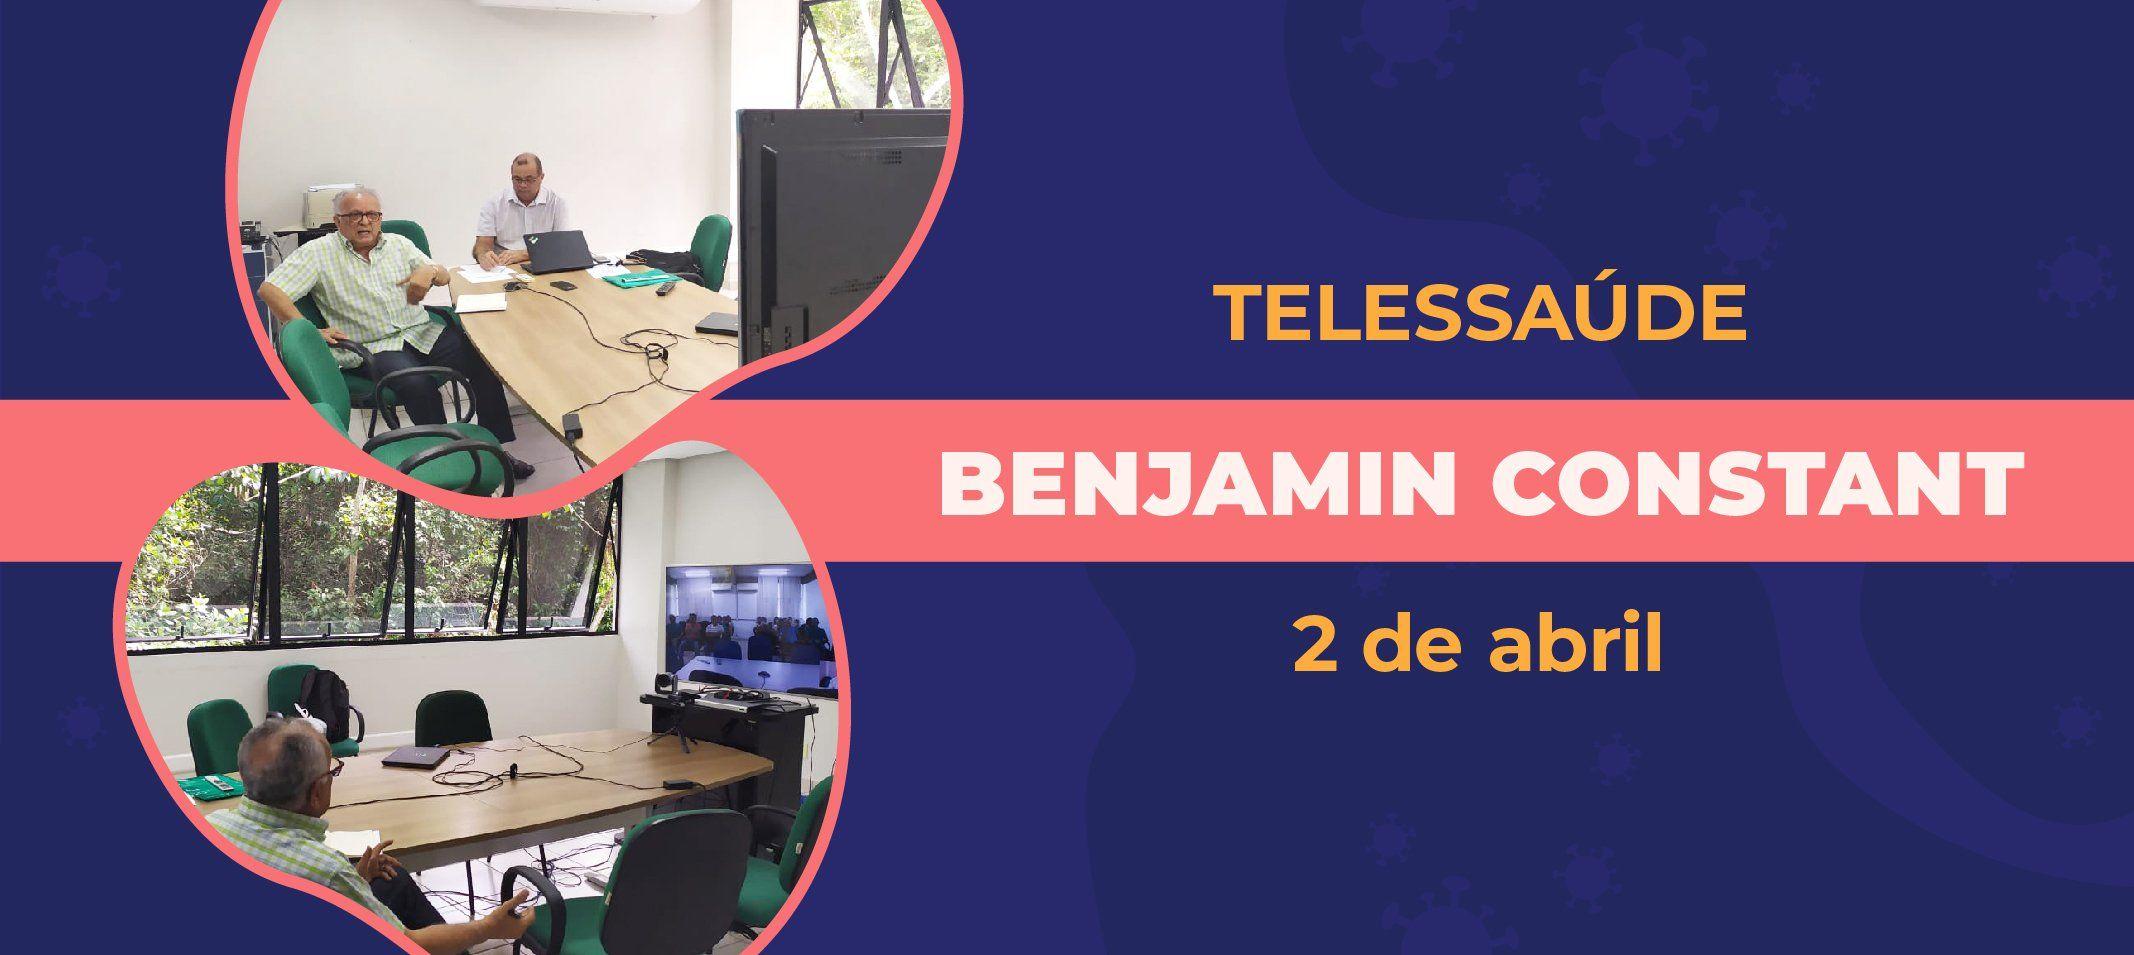 Profissionais de saúde de Benjamin Constant recebem capacitação sobre combate à pandemia